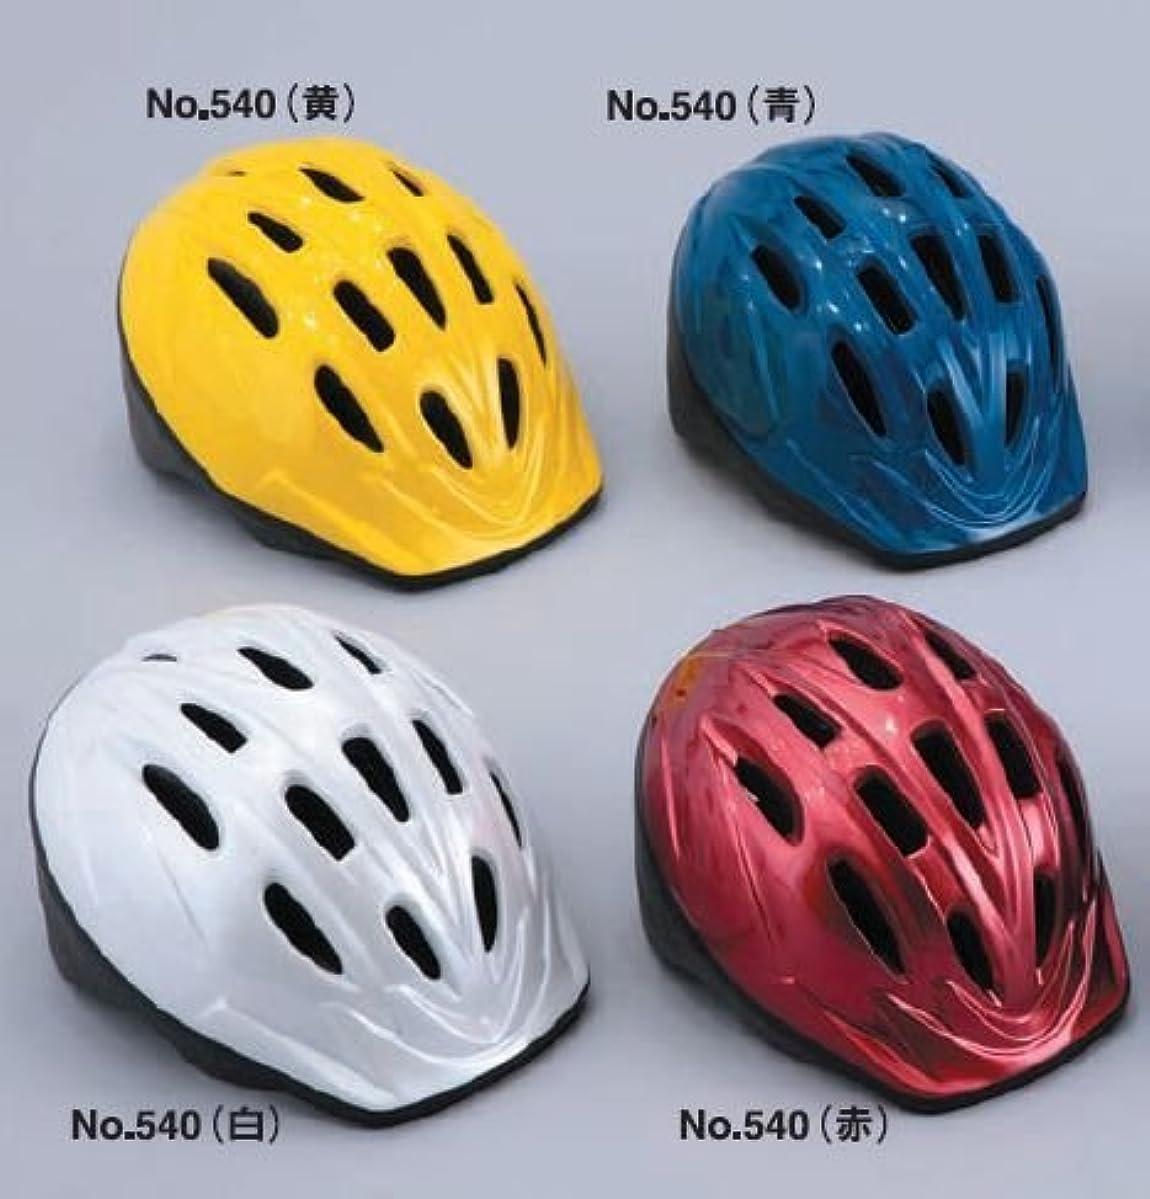 アレルギー性むき出しライドトーヨーセフティー 子供用?幼児用自転車ヘルメット(キャラクター入り名前記入シール付き) S(51cm~54cm) 赤